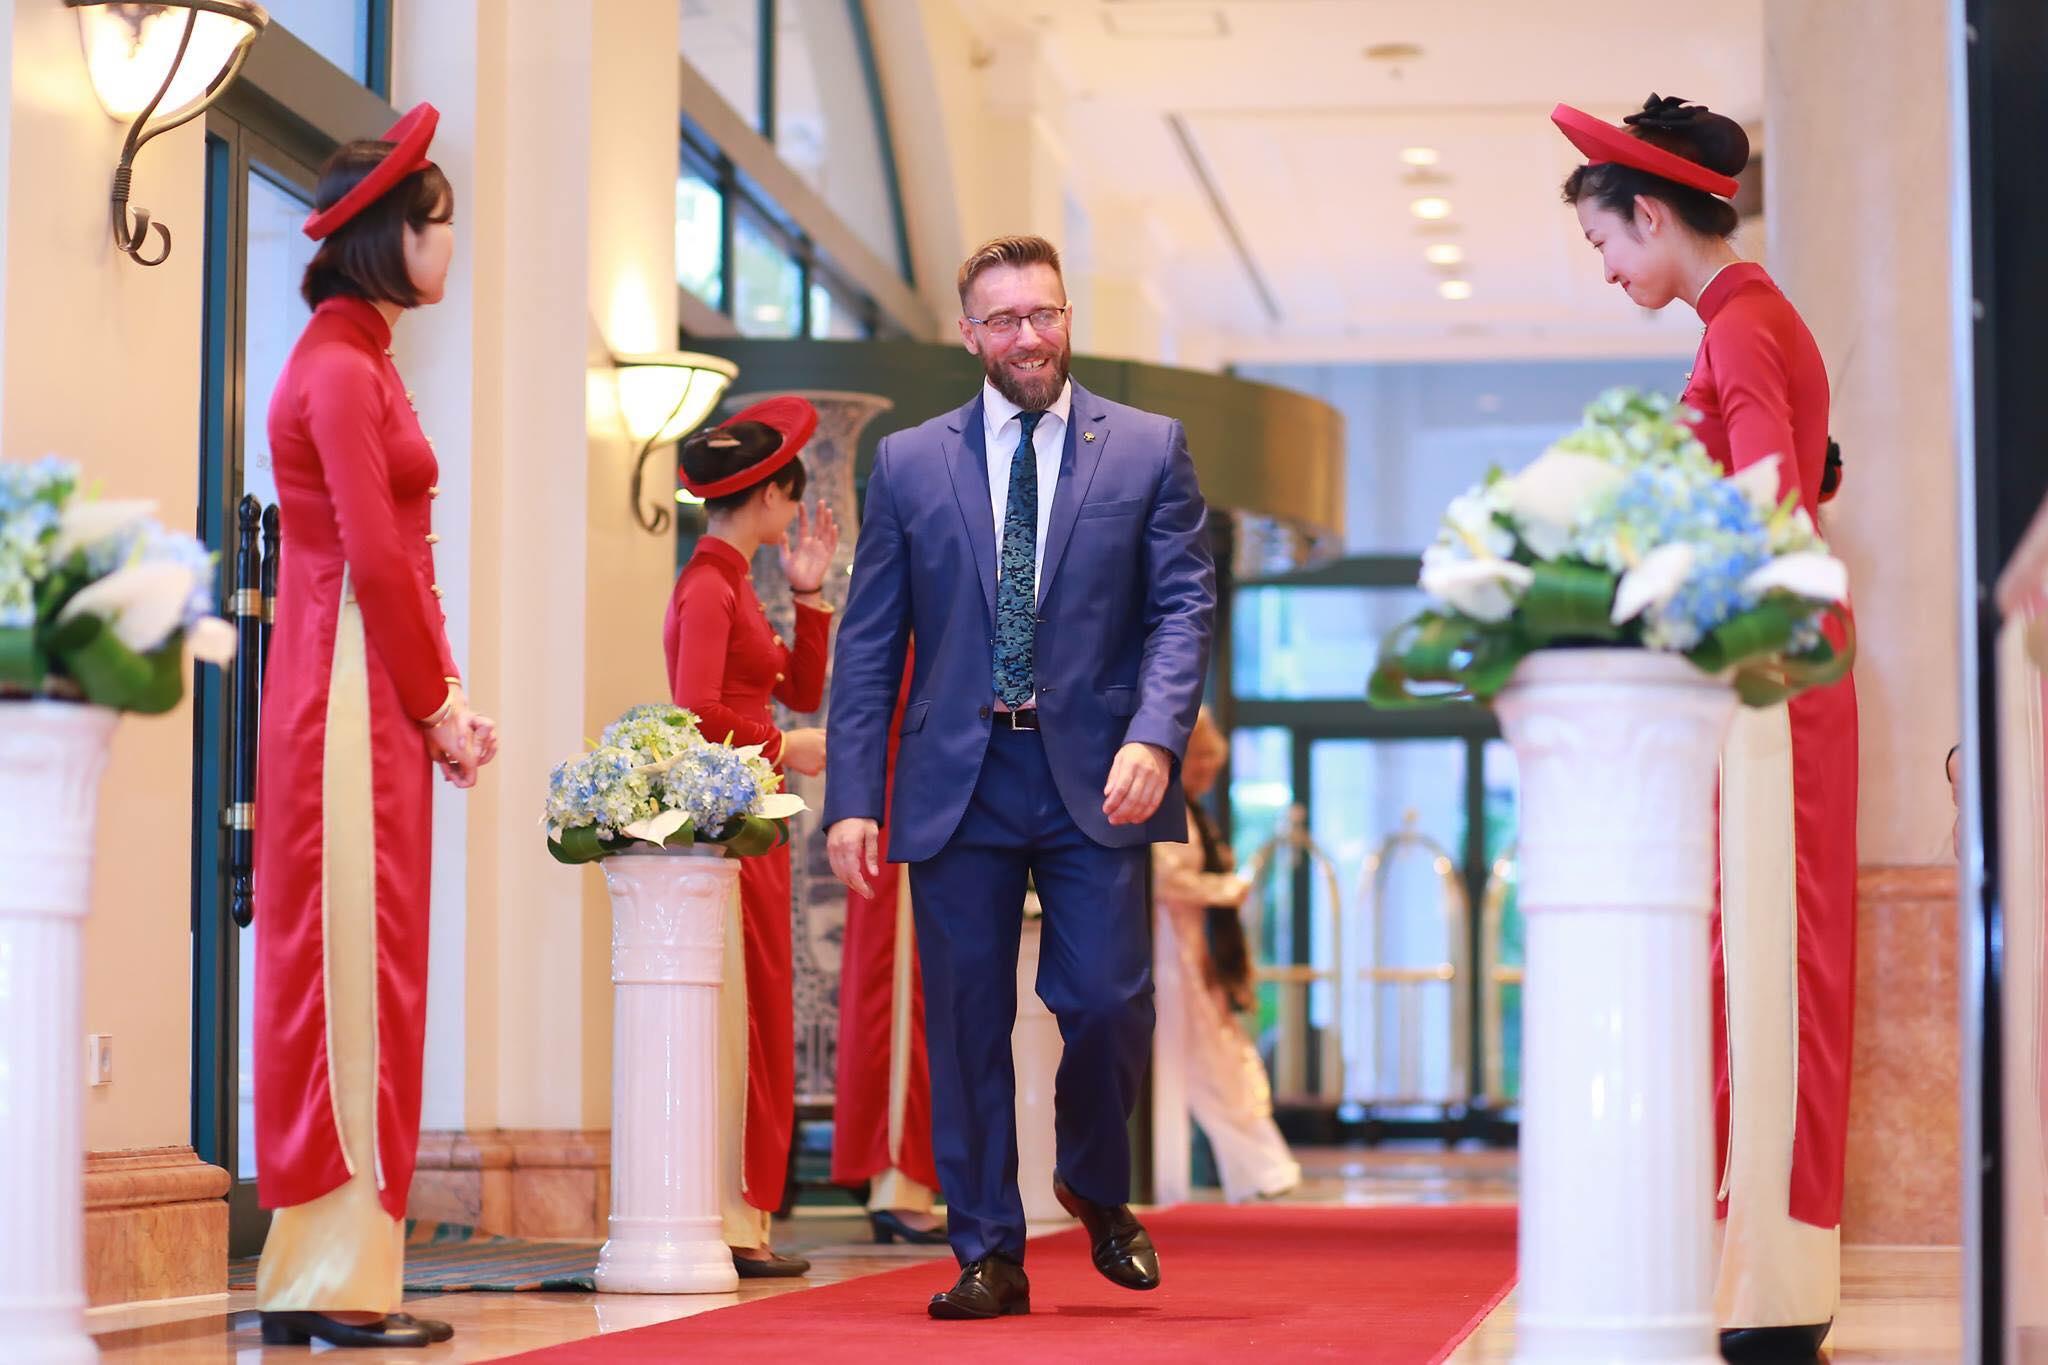 Đồng phục áo dài lễ tân màu đỏ kiểu cách tân cực nổi bật của khách sạn Daewoo Hà Nội